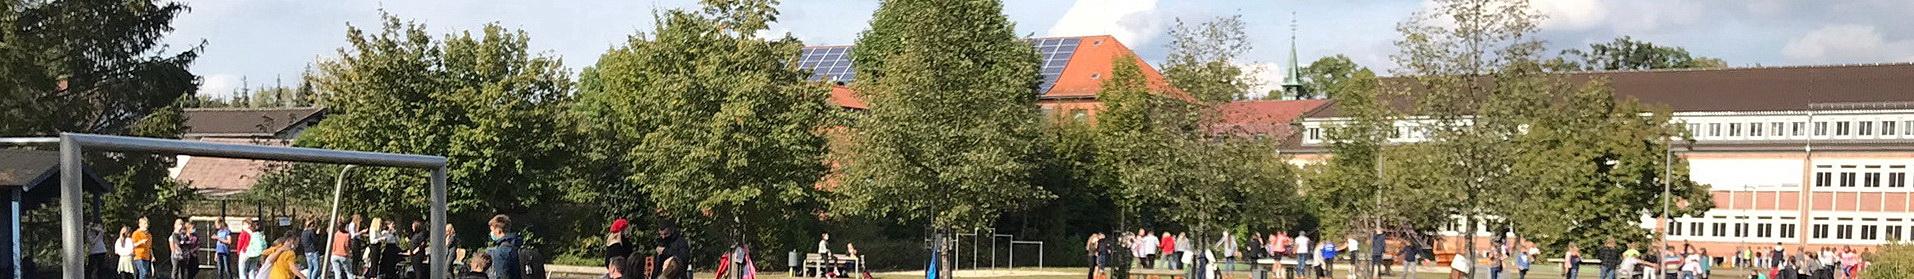 Christian - Gymnasium Hermannsburg